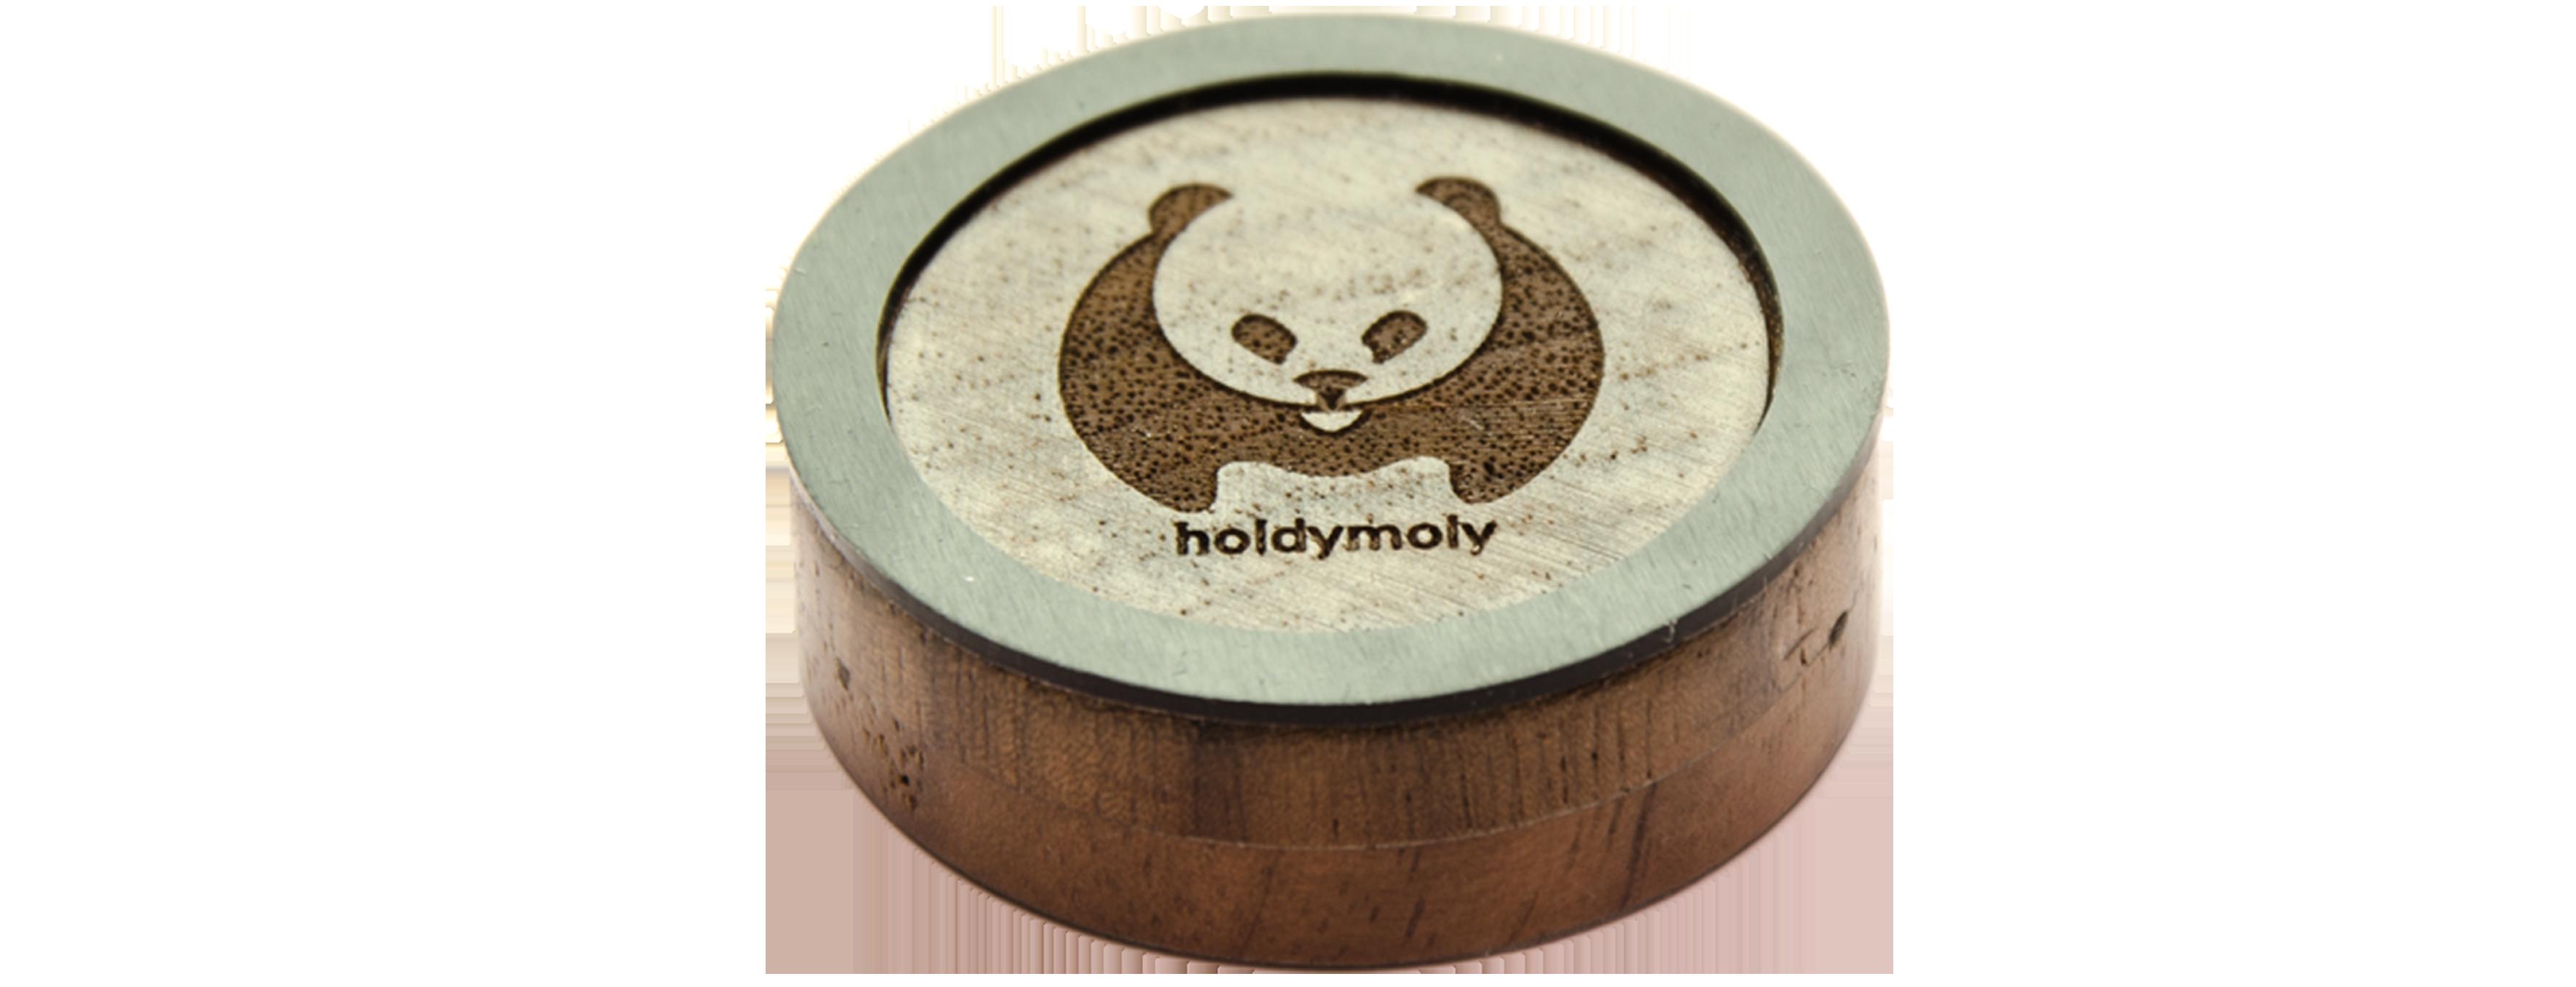 holdymoly-walnut